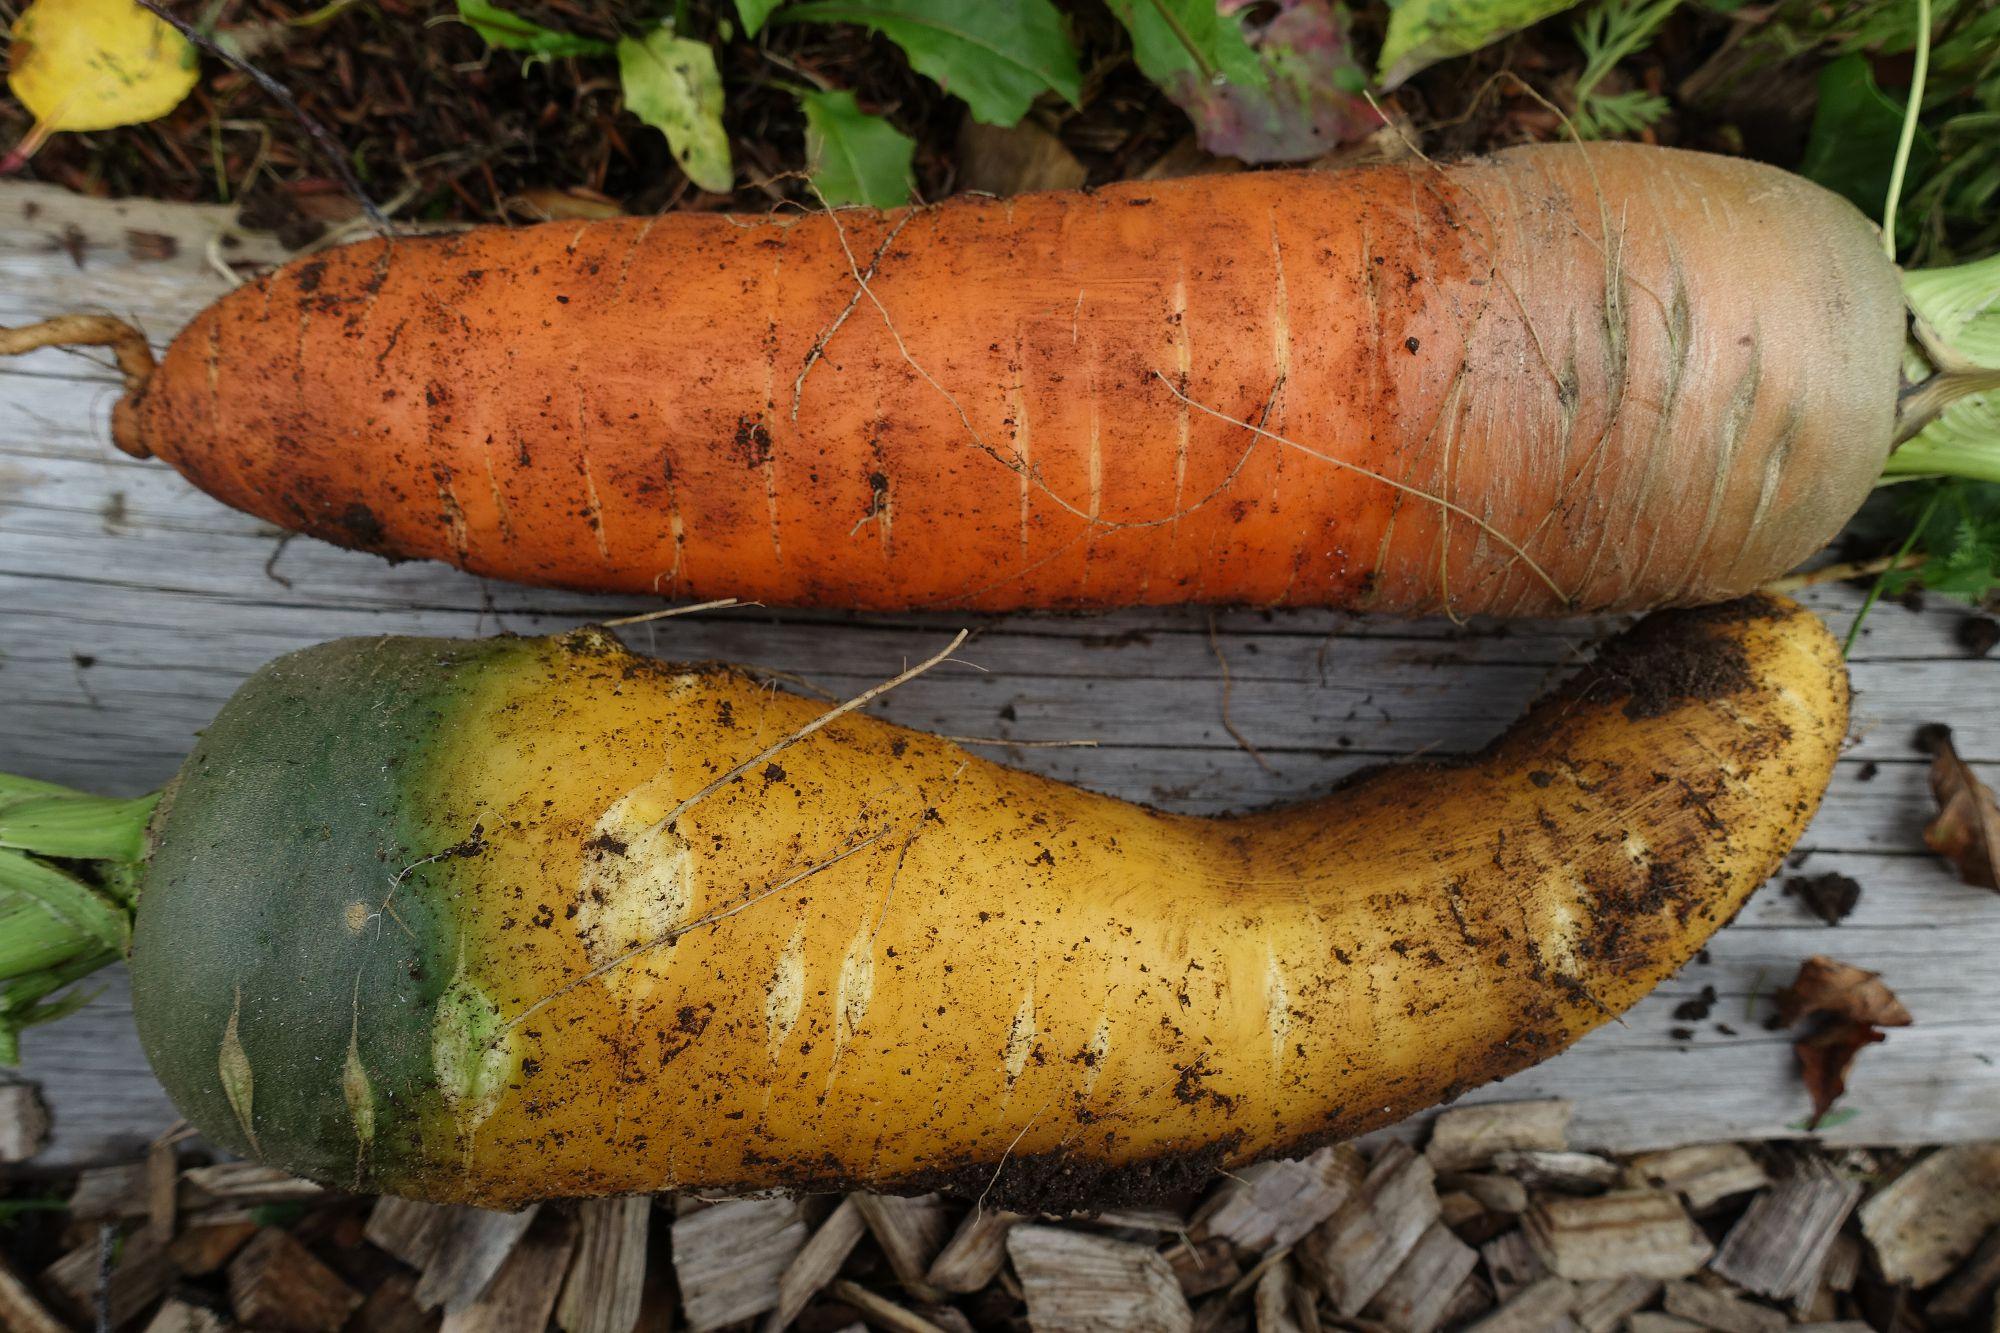 Jättestora morötter i gult och orange